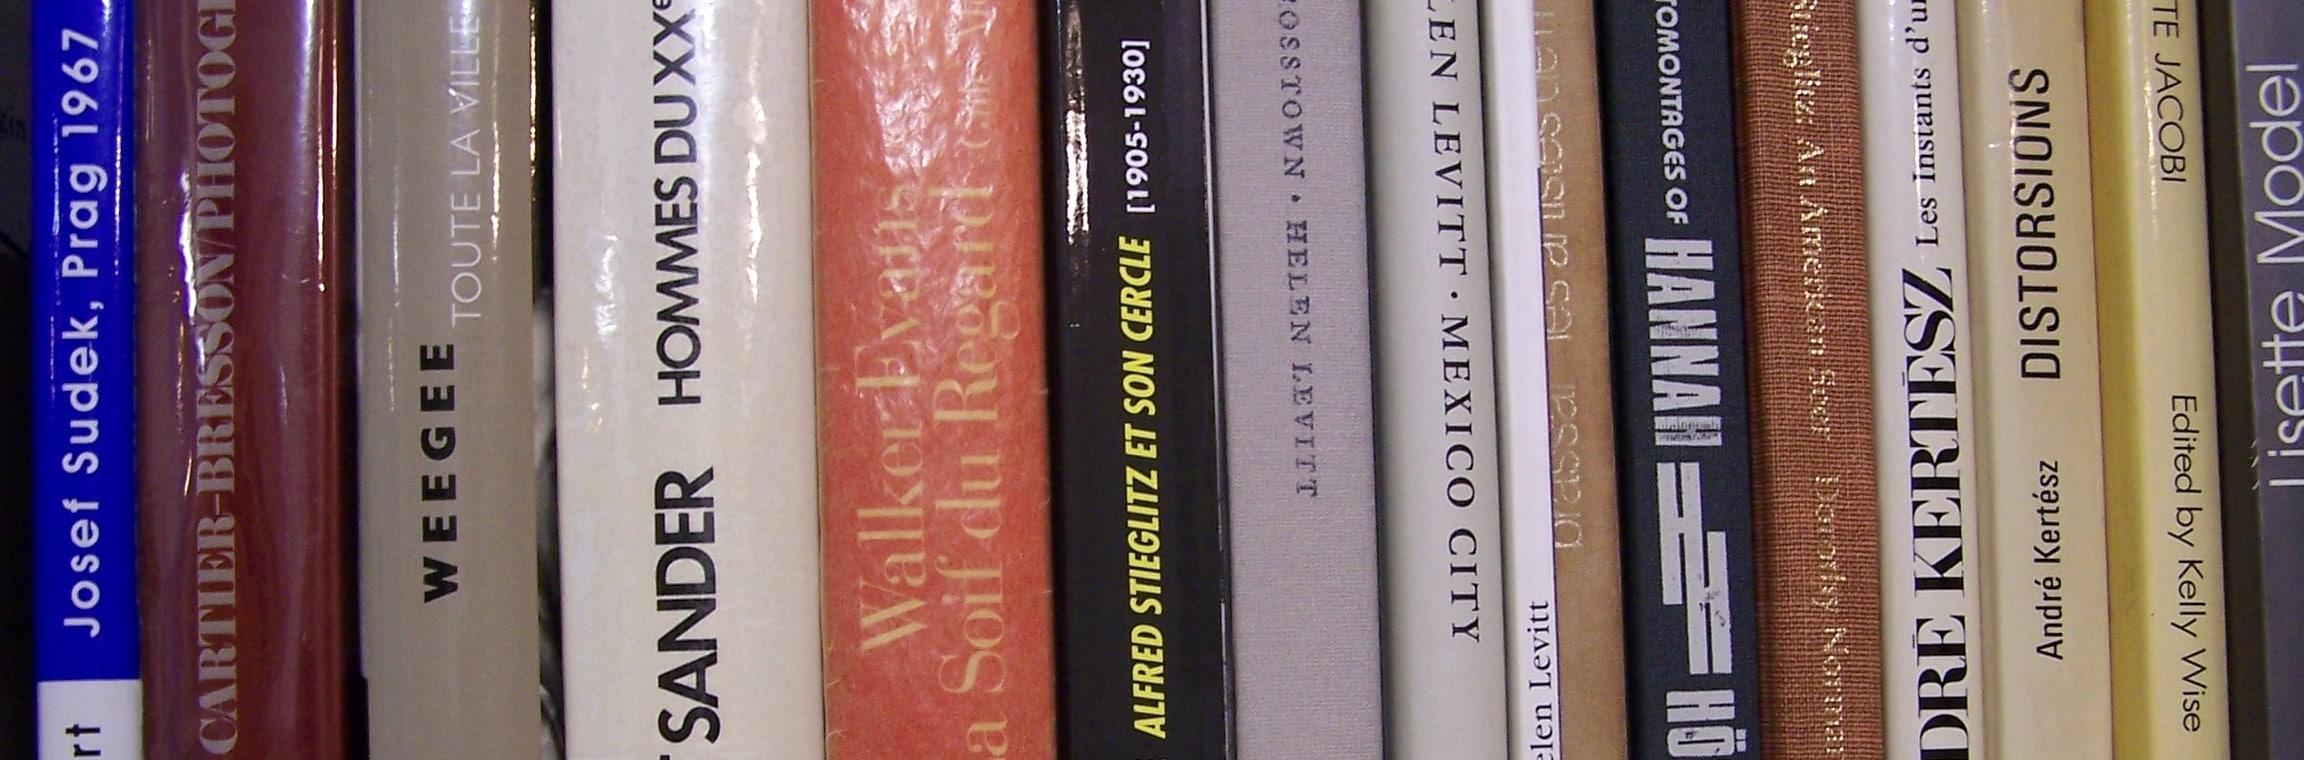 Penser la photographie Les livres de photographie